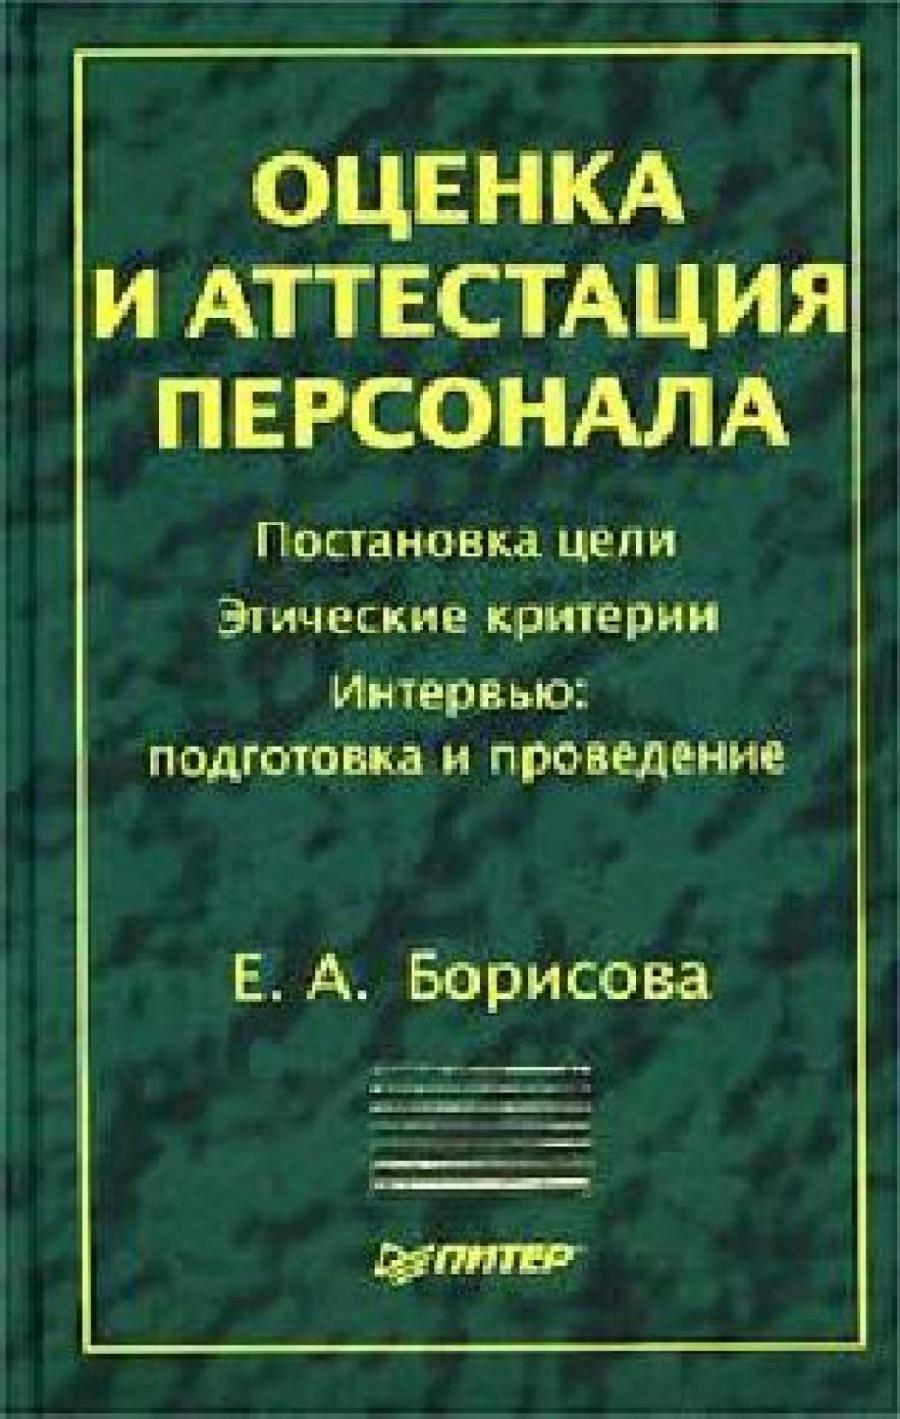 Обложка книги:  е.а.борисова - е. а. борисова - оценка и аттестация персонала